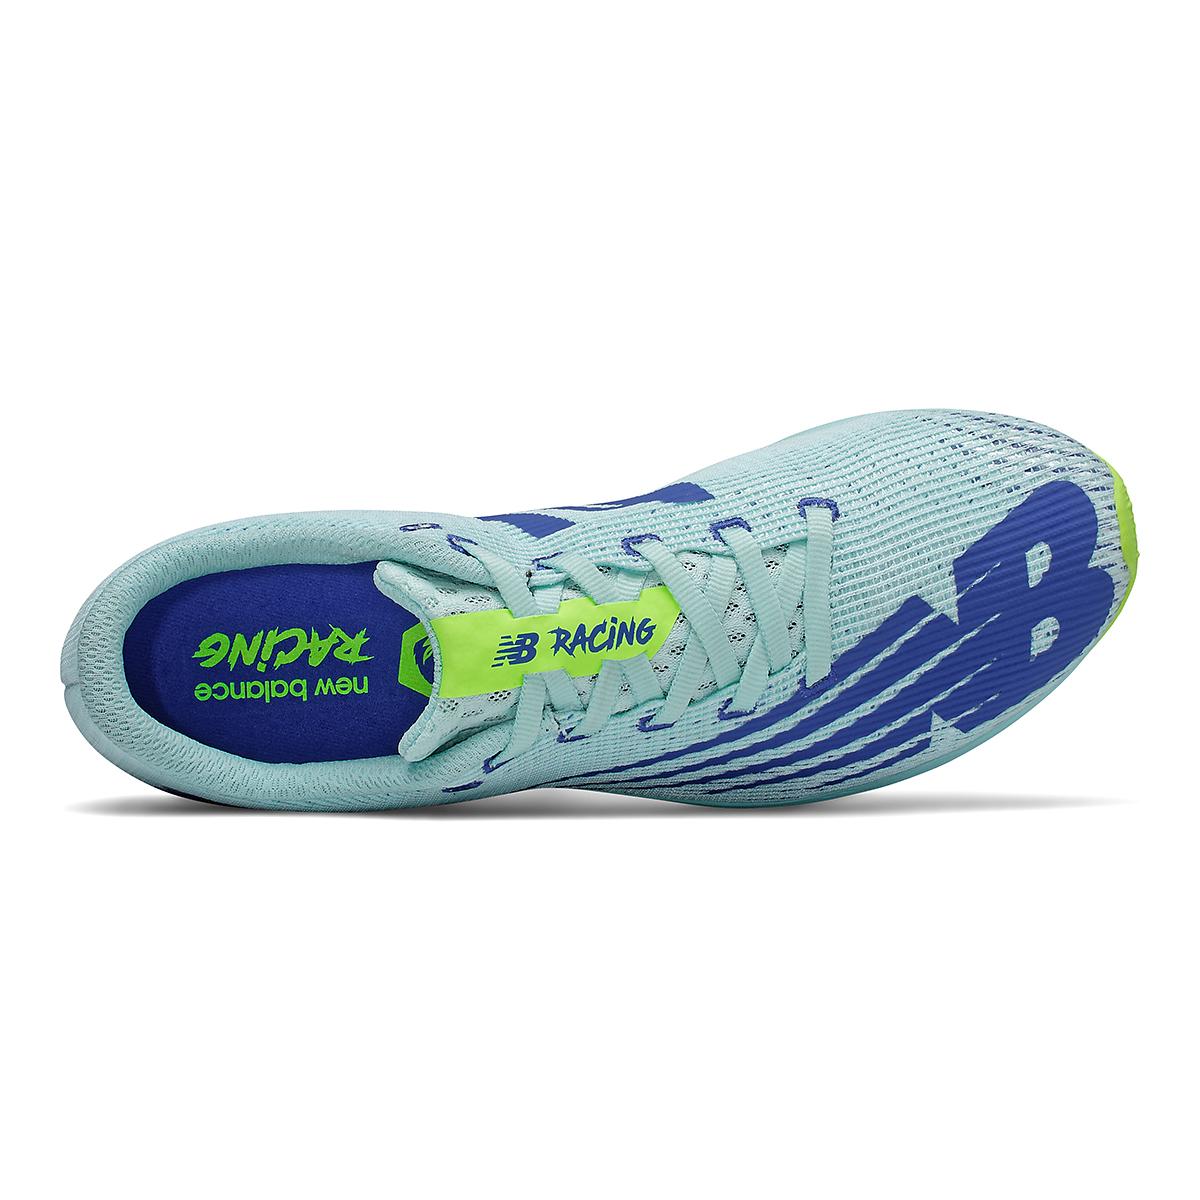 Women's New Balance XC Seven v3 Track Spikes - Color: Glacier/Cobalt - Size: 5.5 - Width: Regular, Glacier/Cobalt, large, image 3